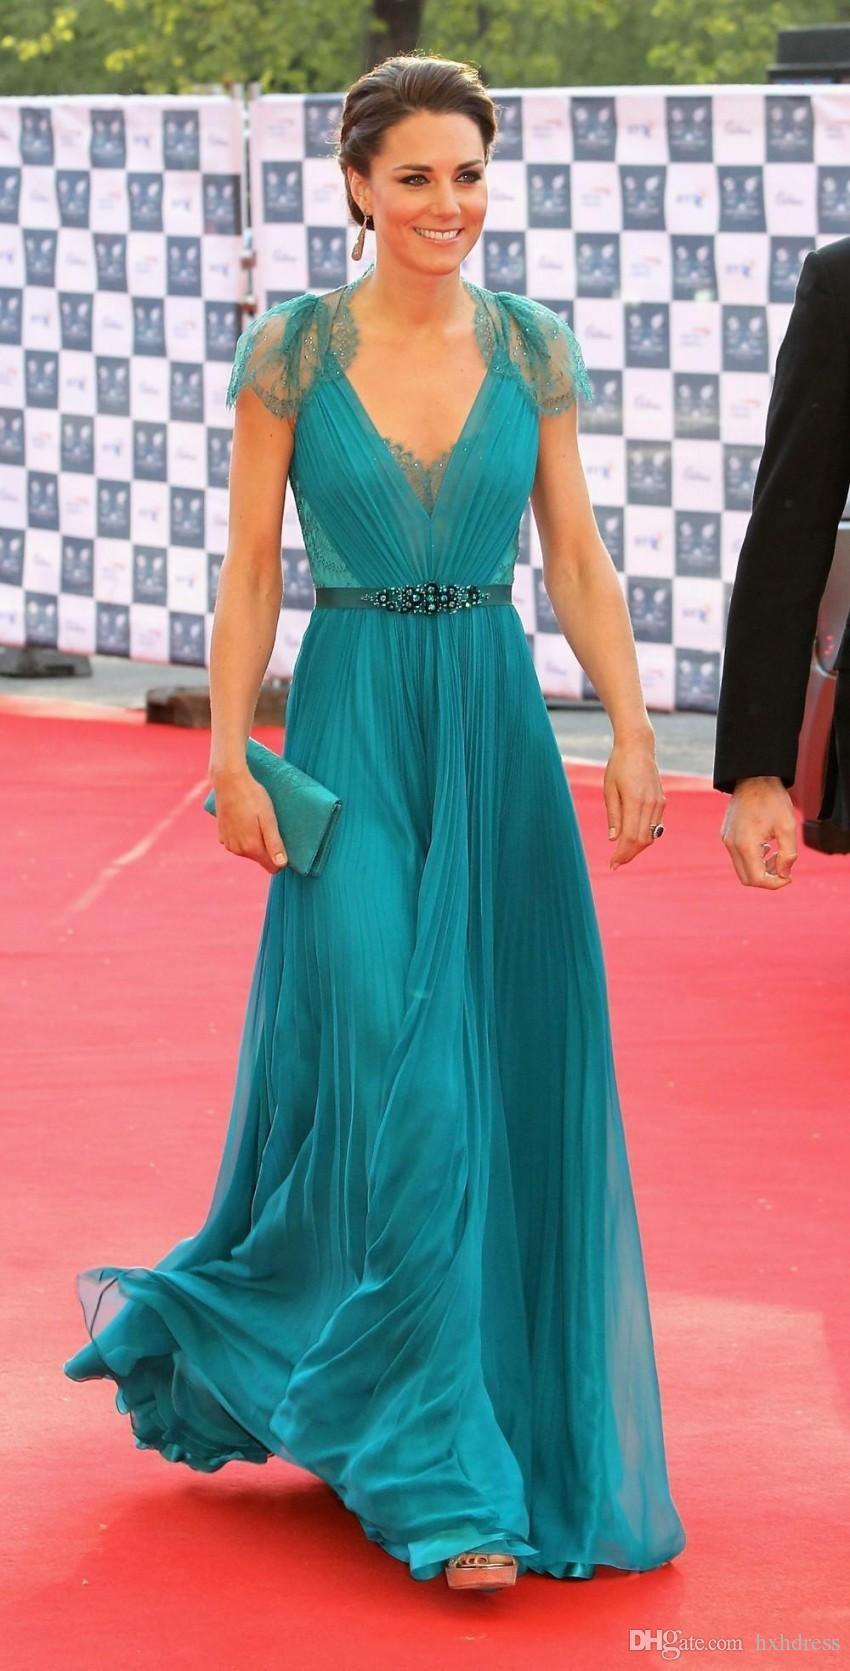 kap Kollu Abiye Giyim Örgün Ünlü Kırmızı Halı Elbiseleri Dantel şifon Elbise ile Jenny Packham Borda New Kate Middleton